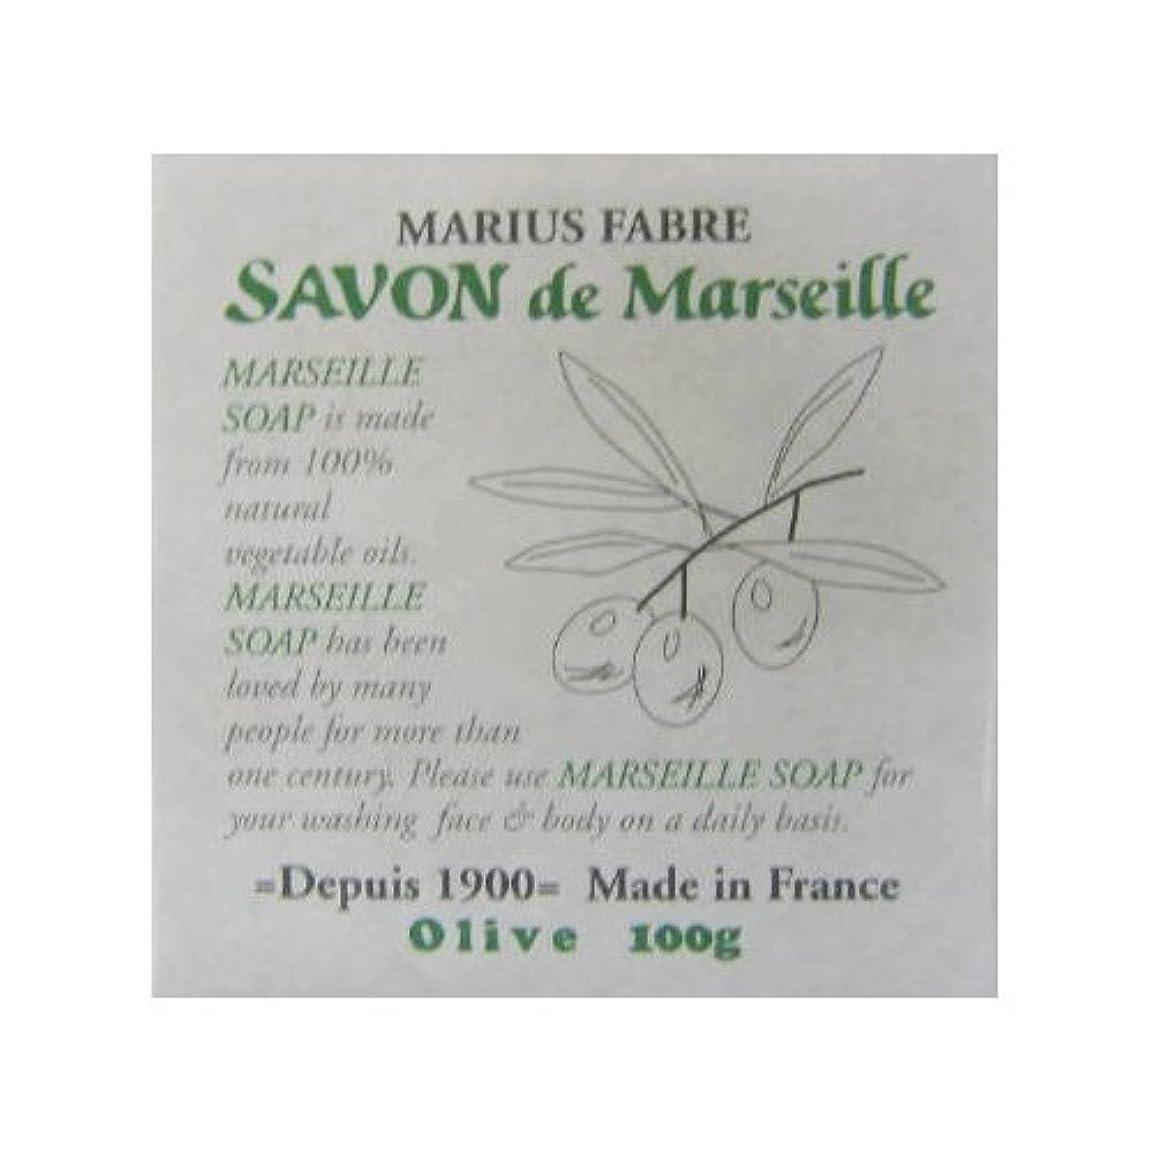 文阻害する謙虚なサボン ド マルセイユ オリーブ 100g